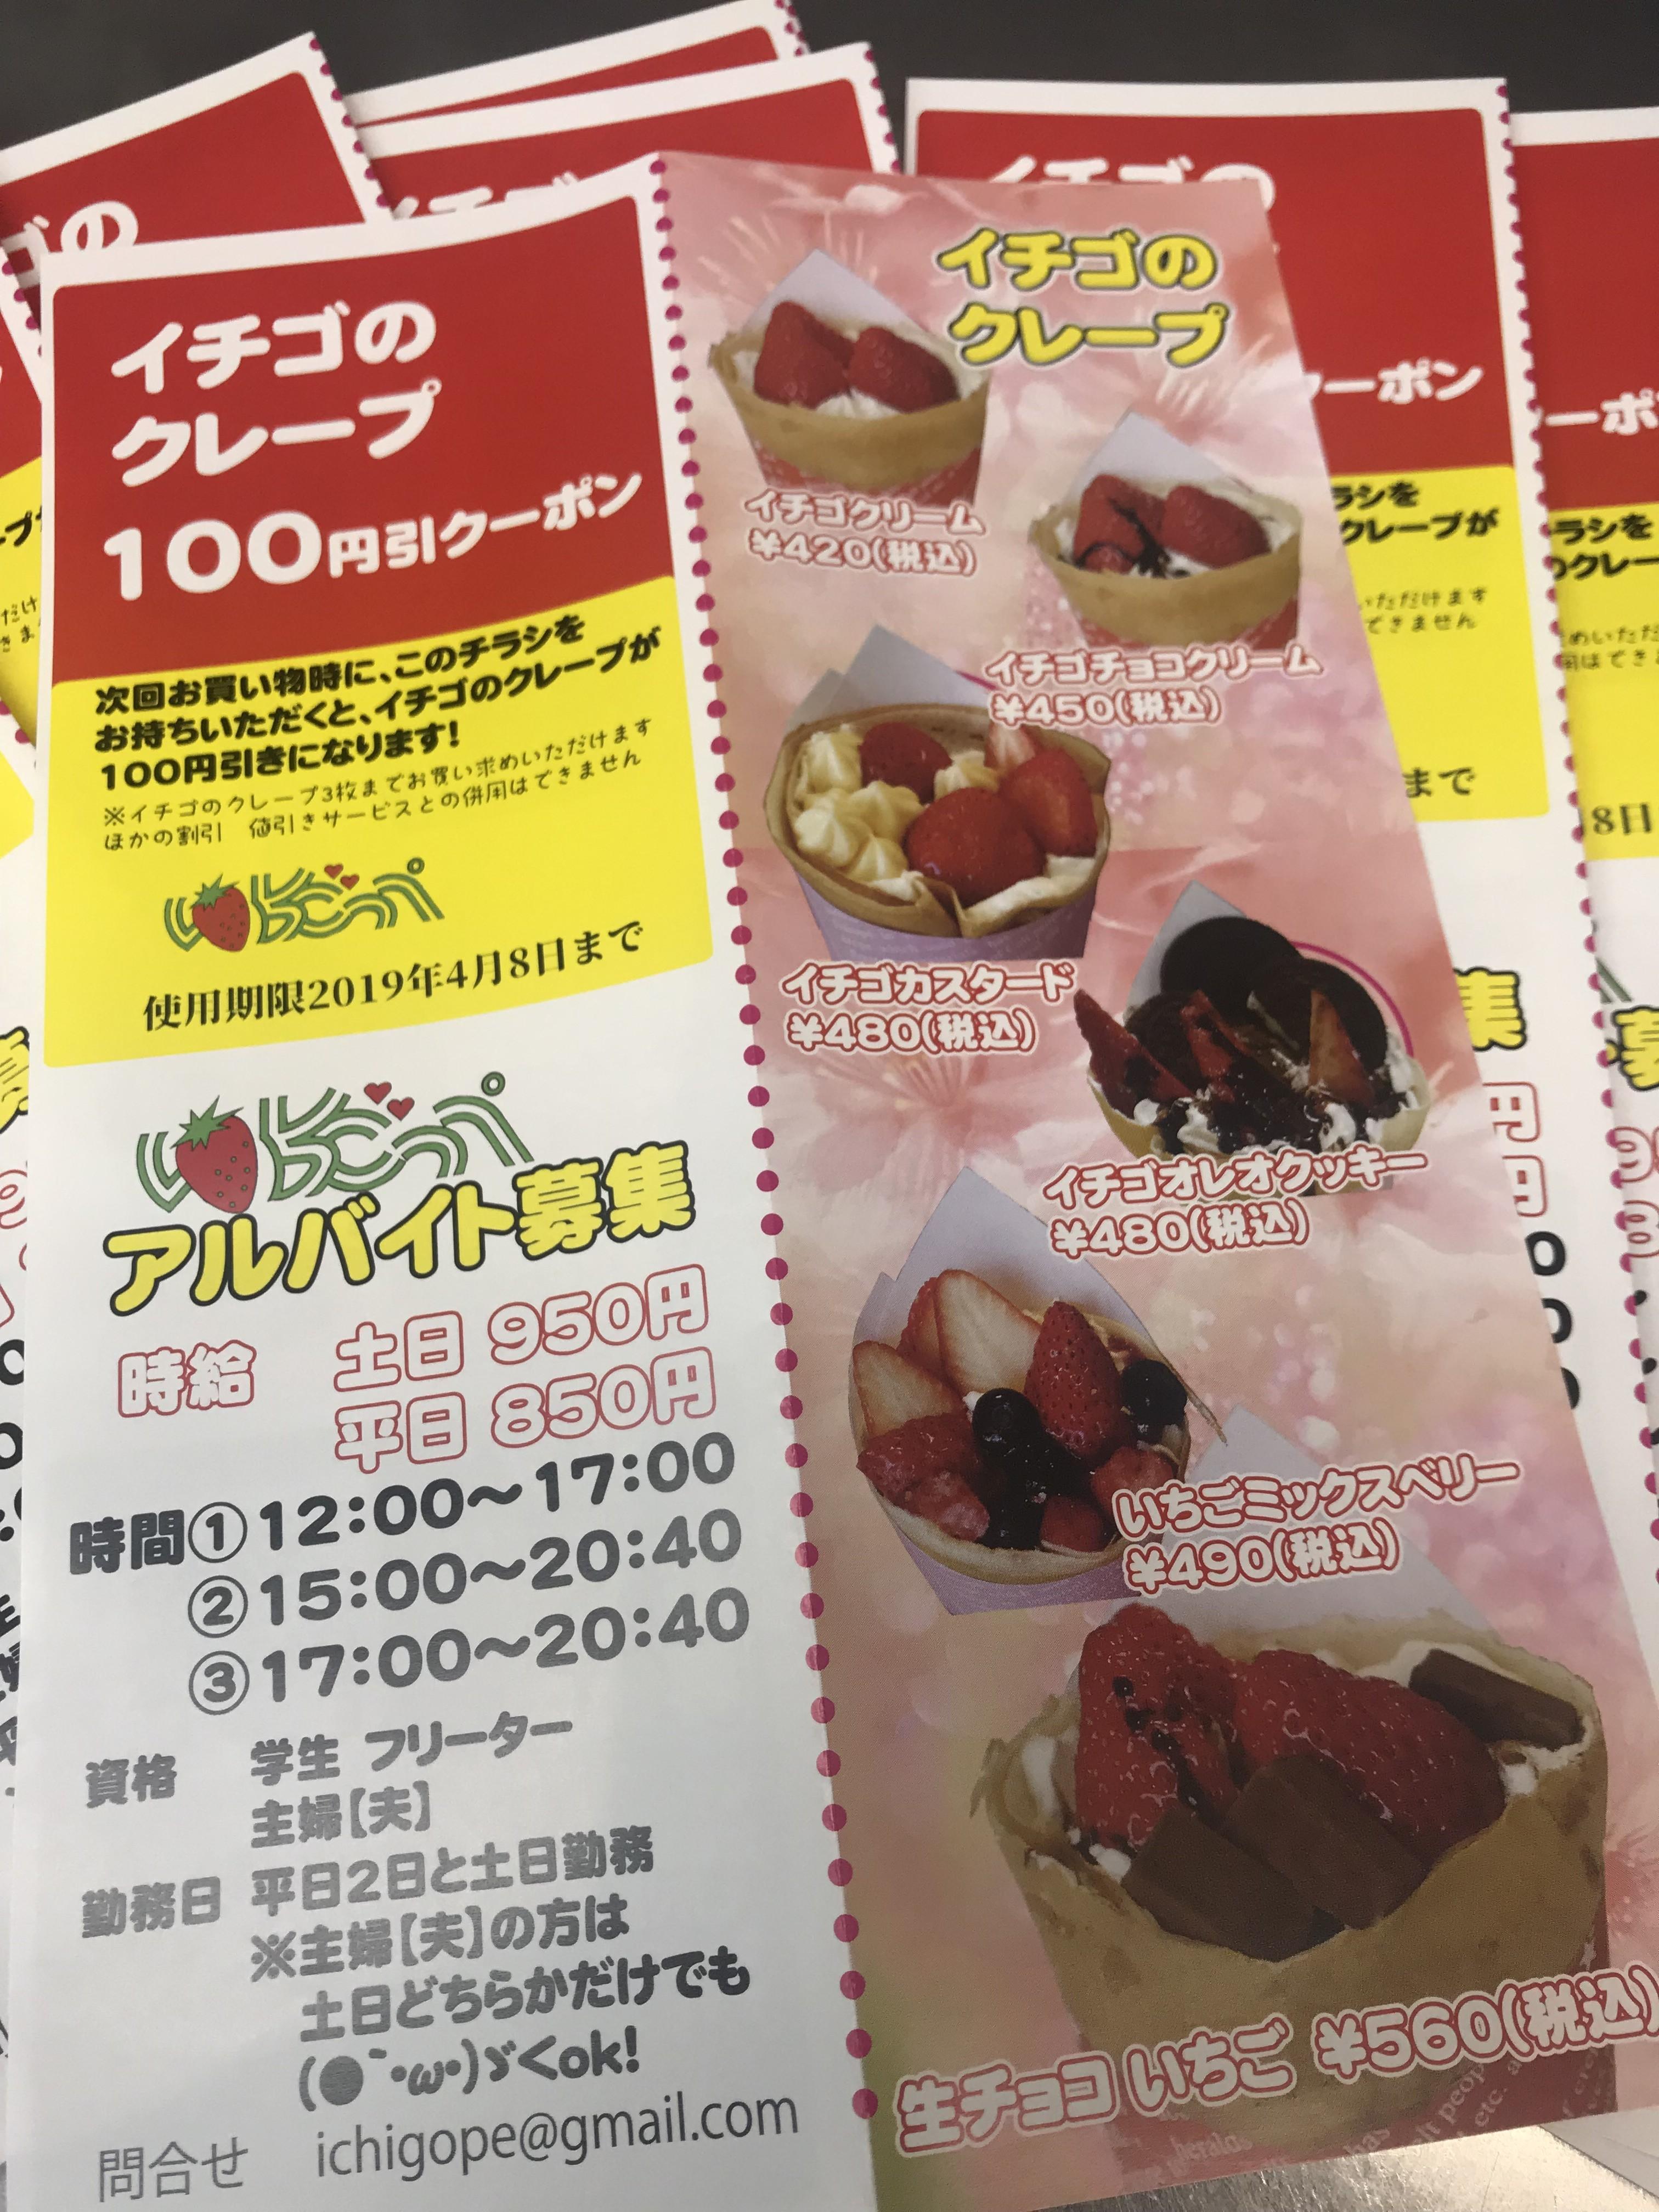 いちごのクレープ全品100円引き!!!